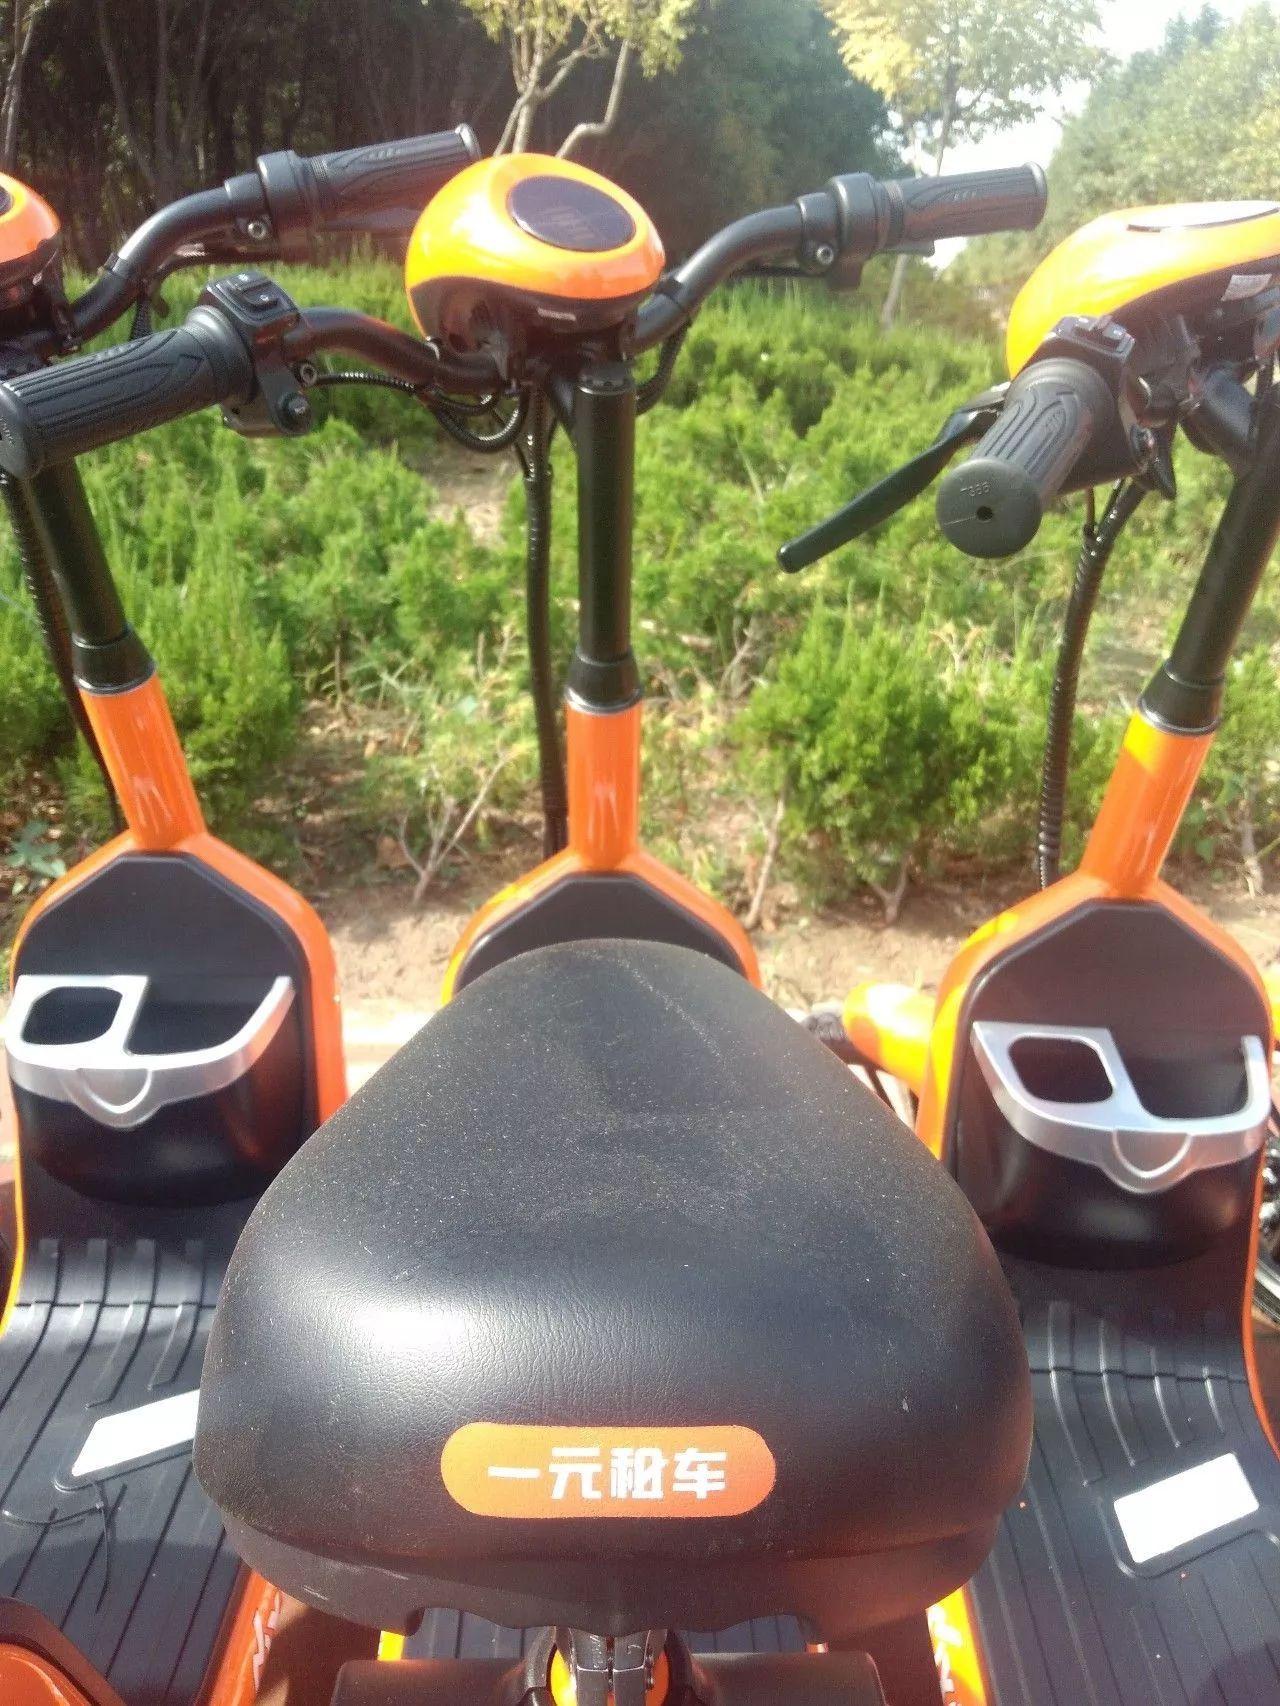 萌小明租车可以骑出校园吗?萌小明电动车的使用范围-安卓乐园